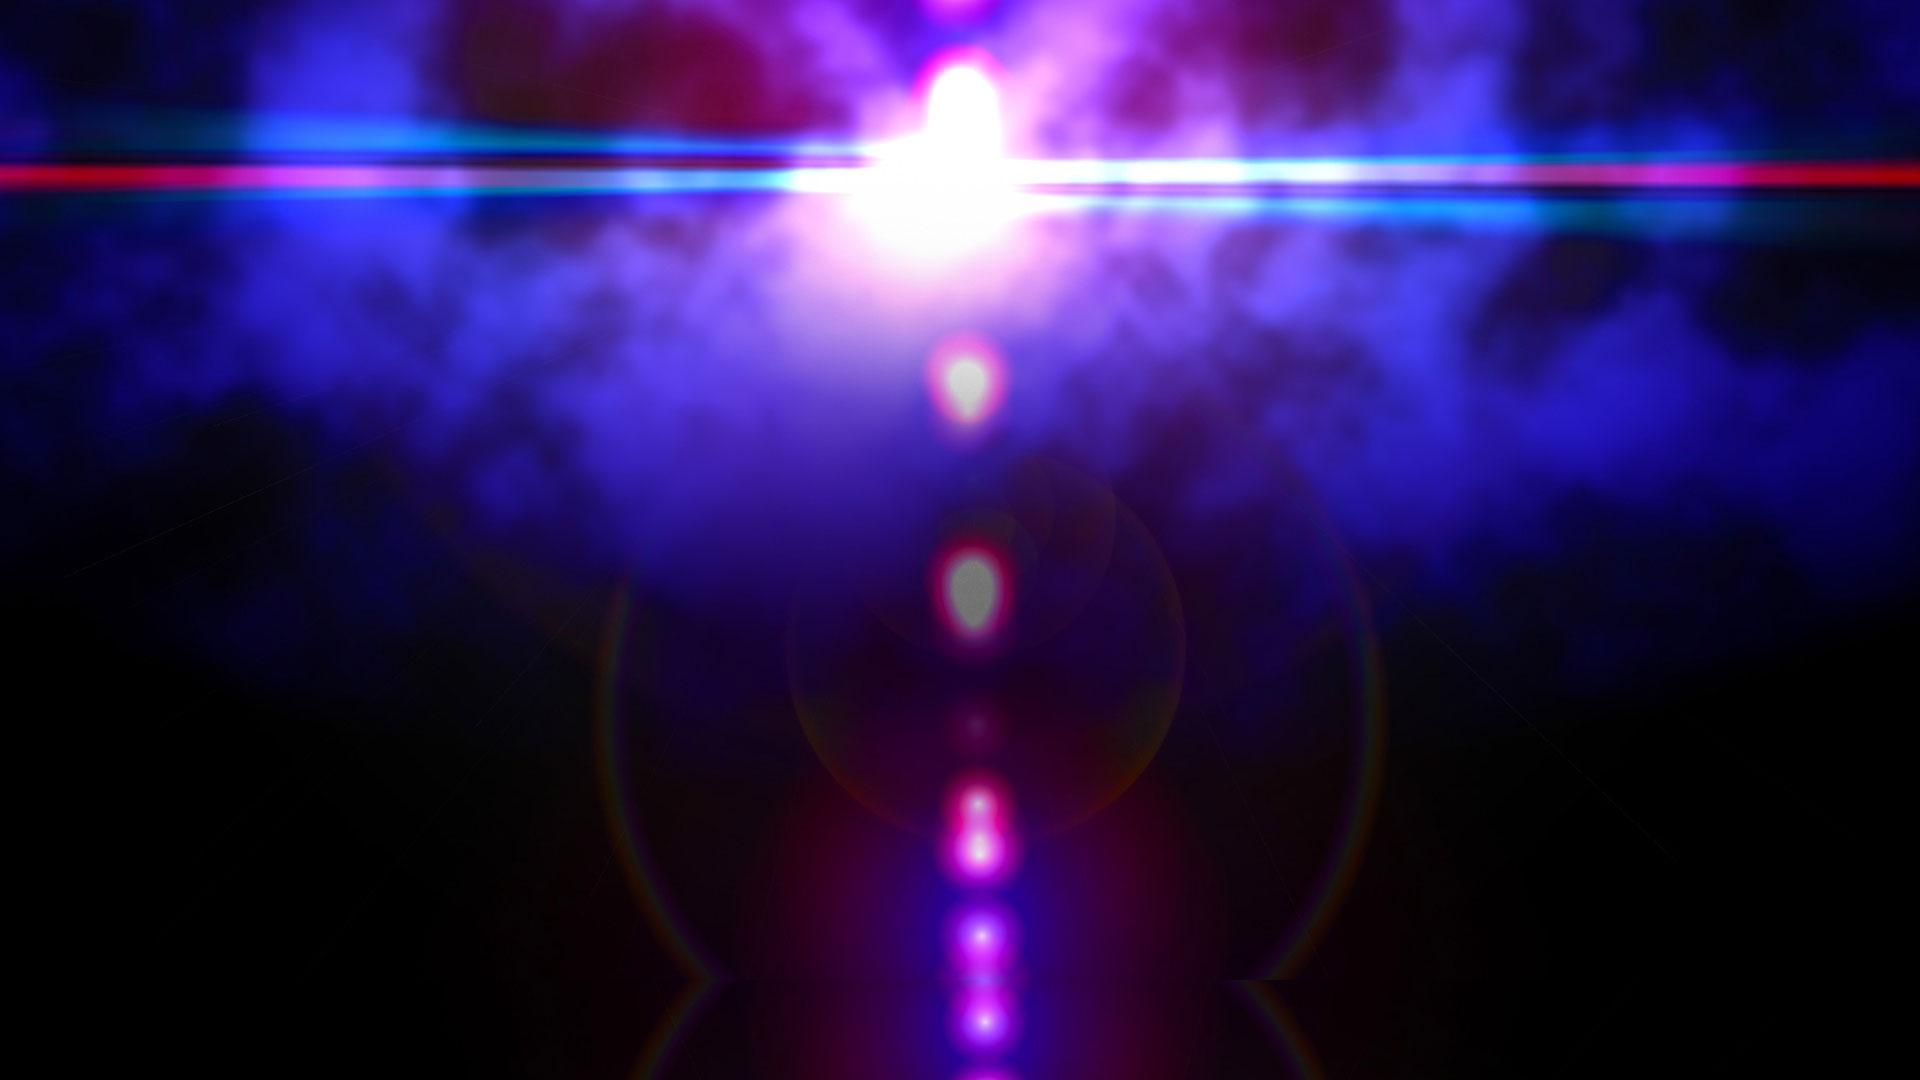 nebulaaglonew